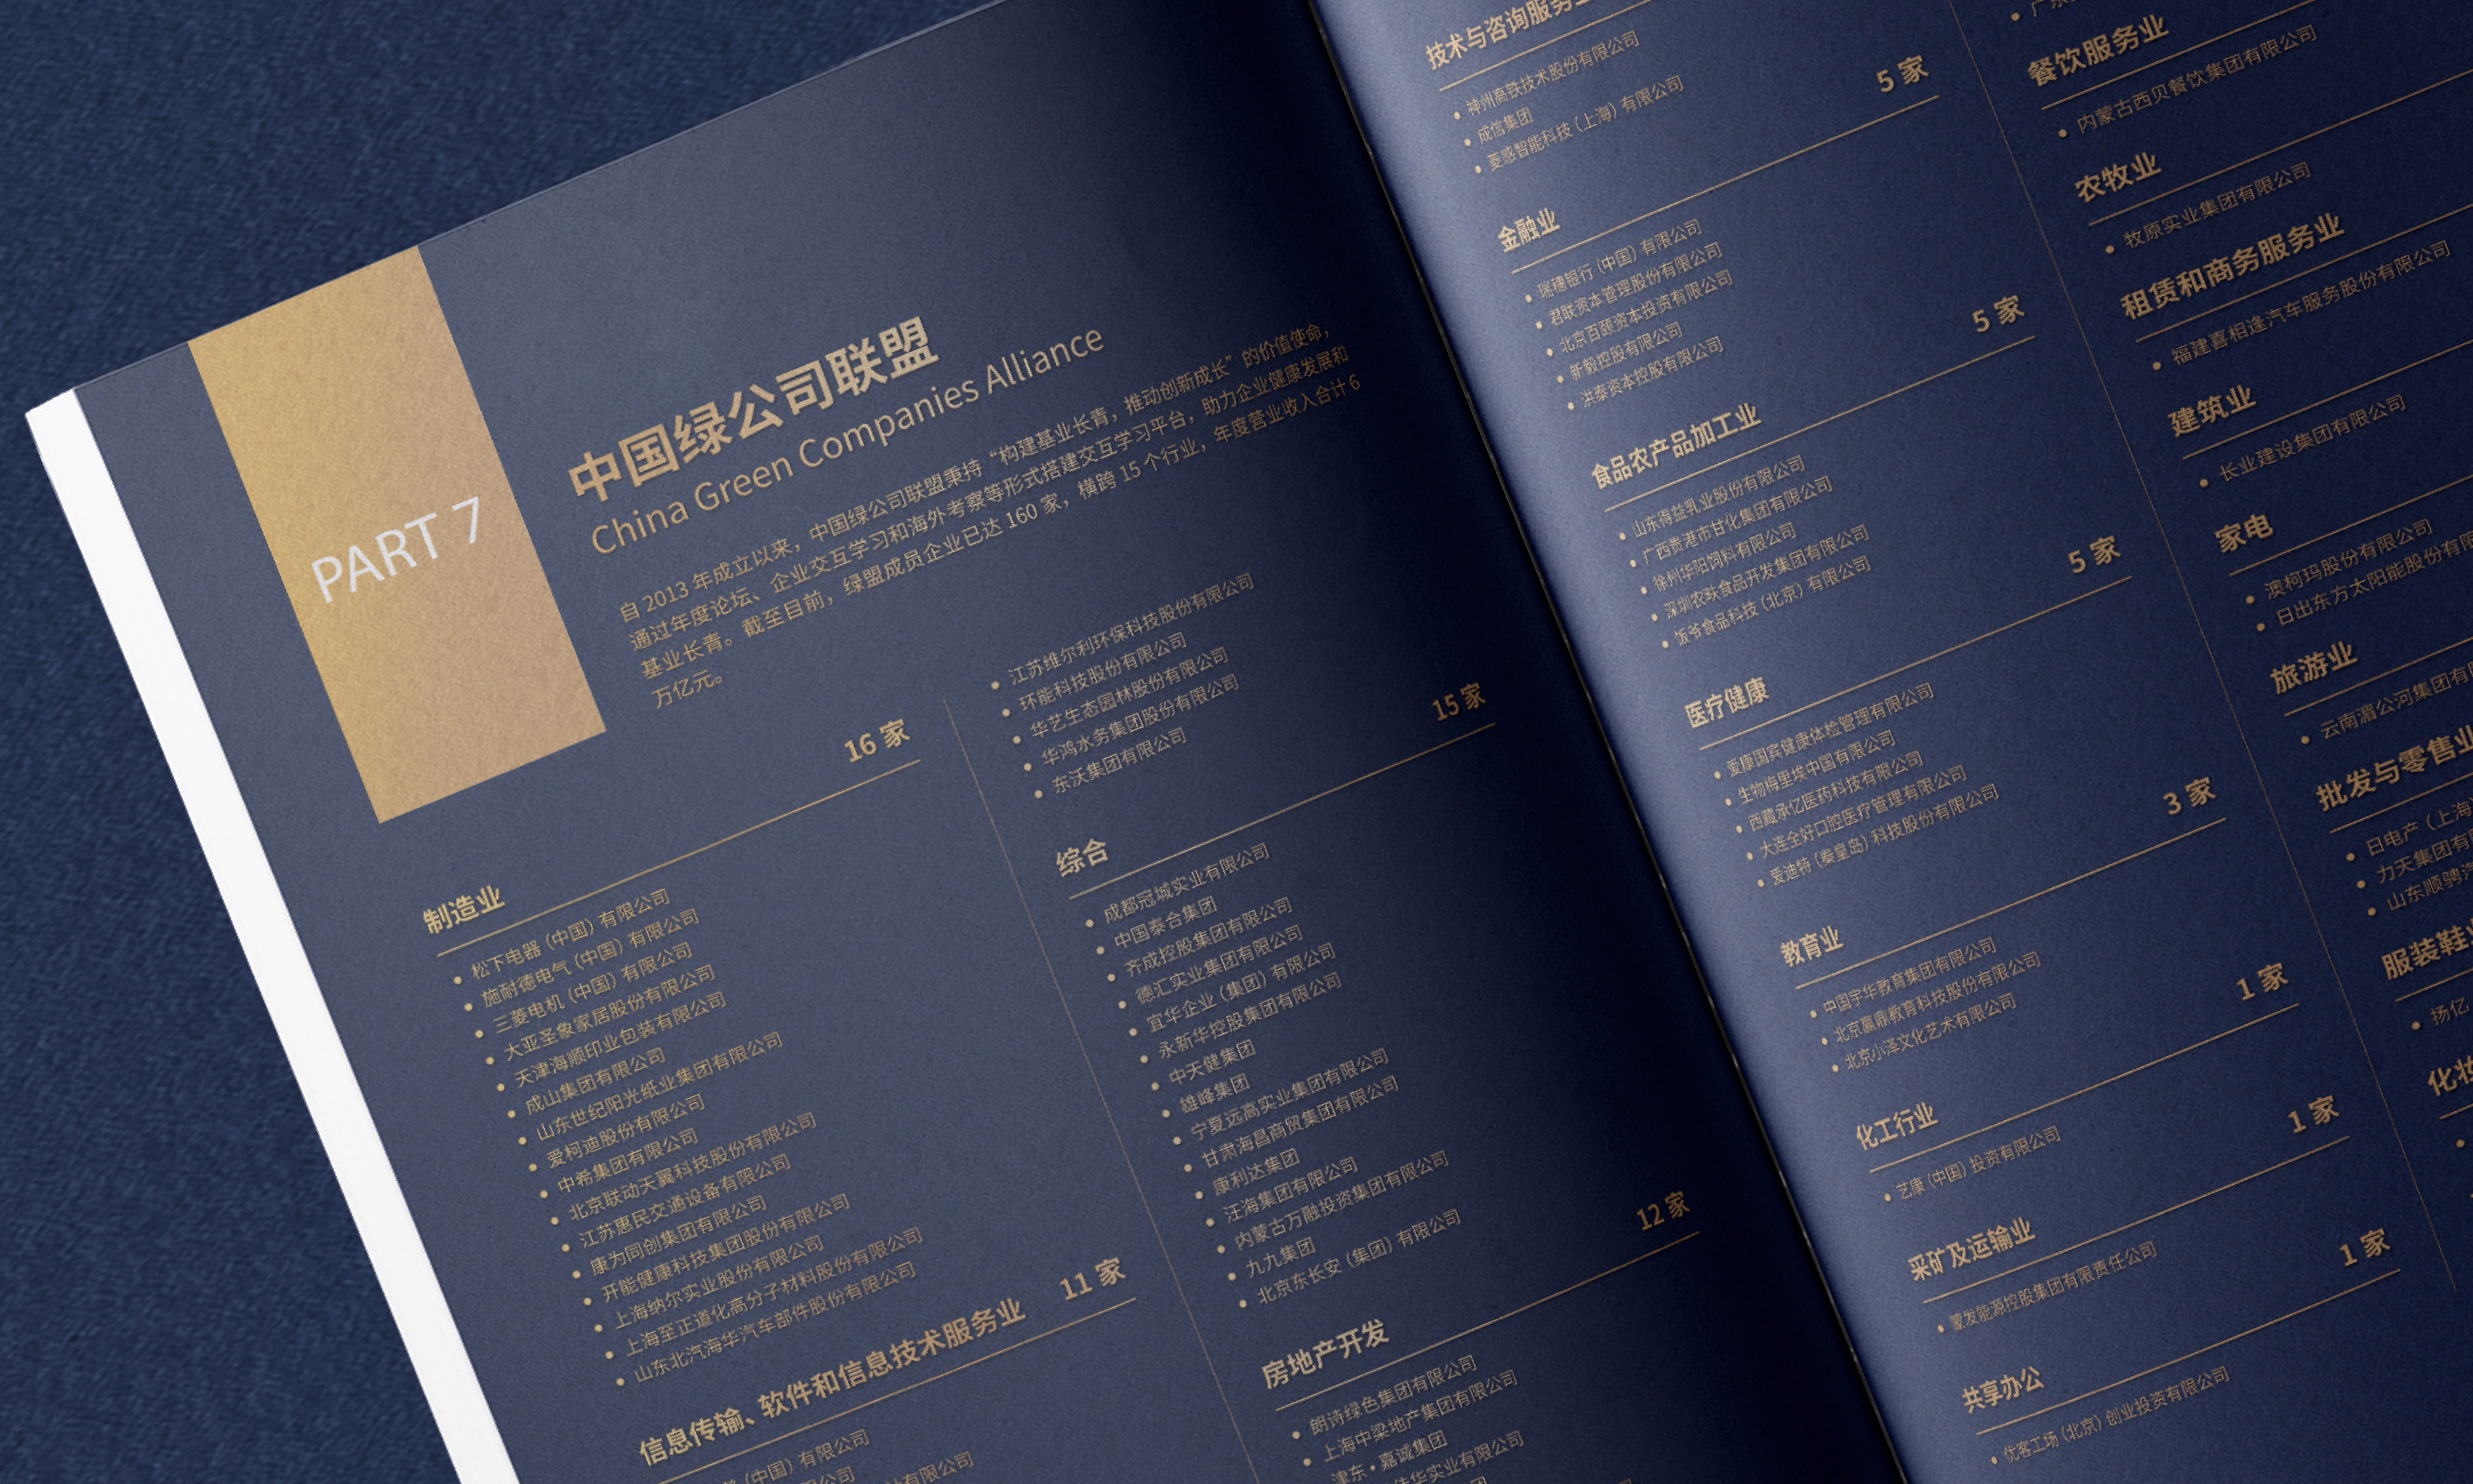 中國企業家聯盟俱樂部畫冊設計